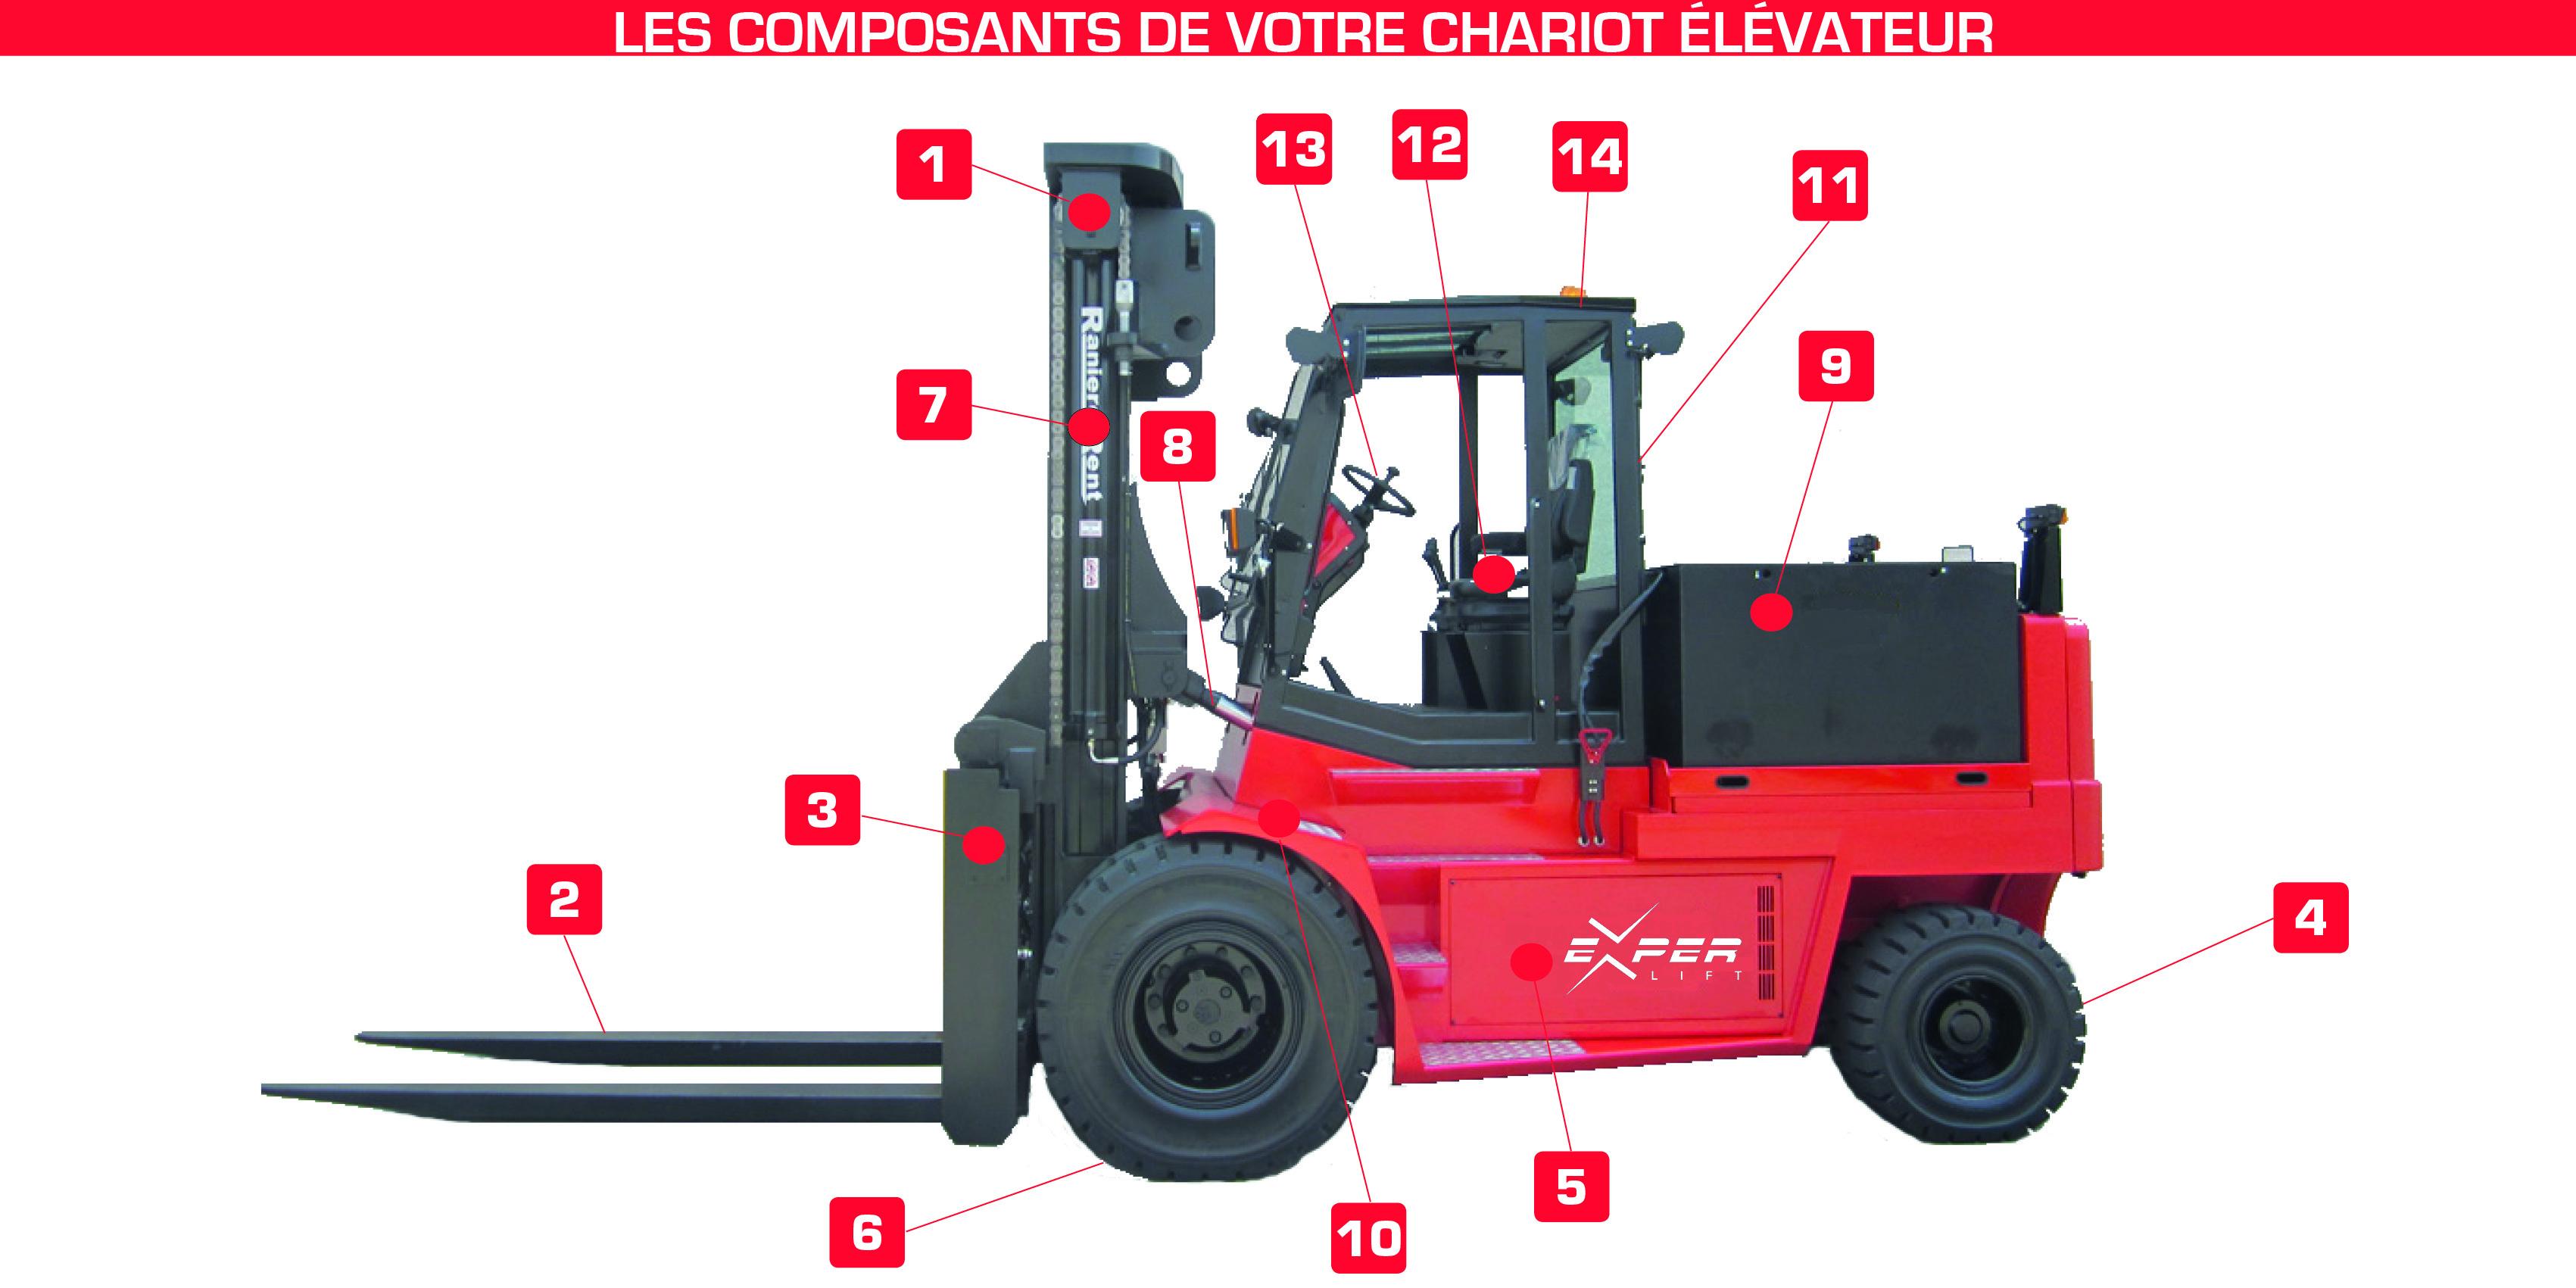 Connaître les composants de votre chariot élévateur